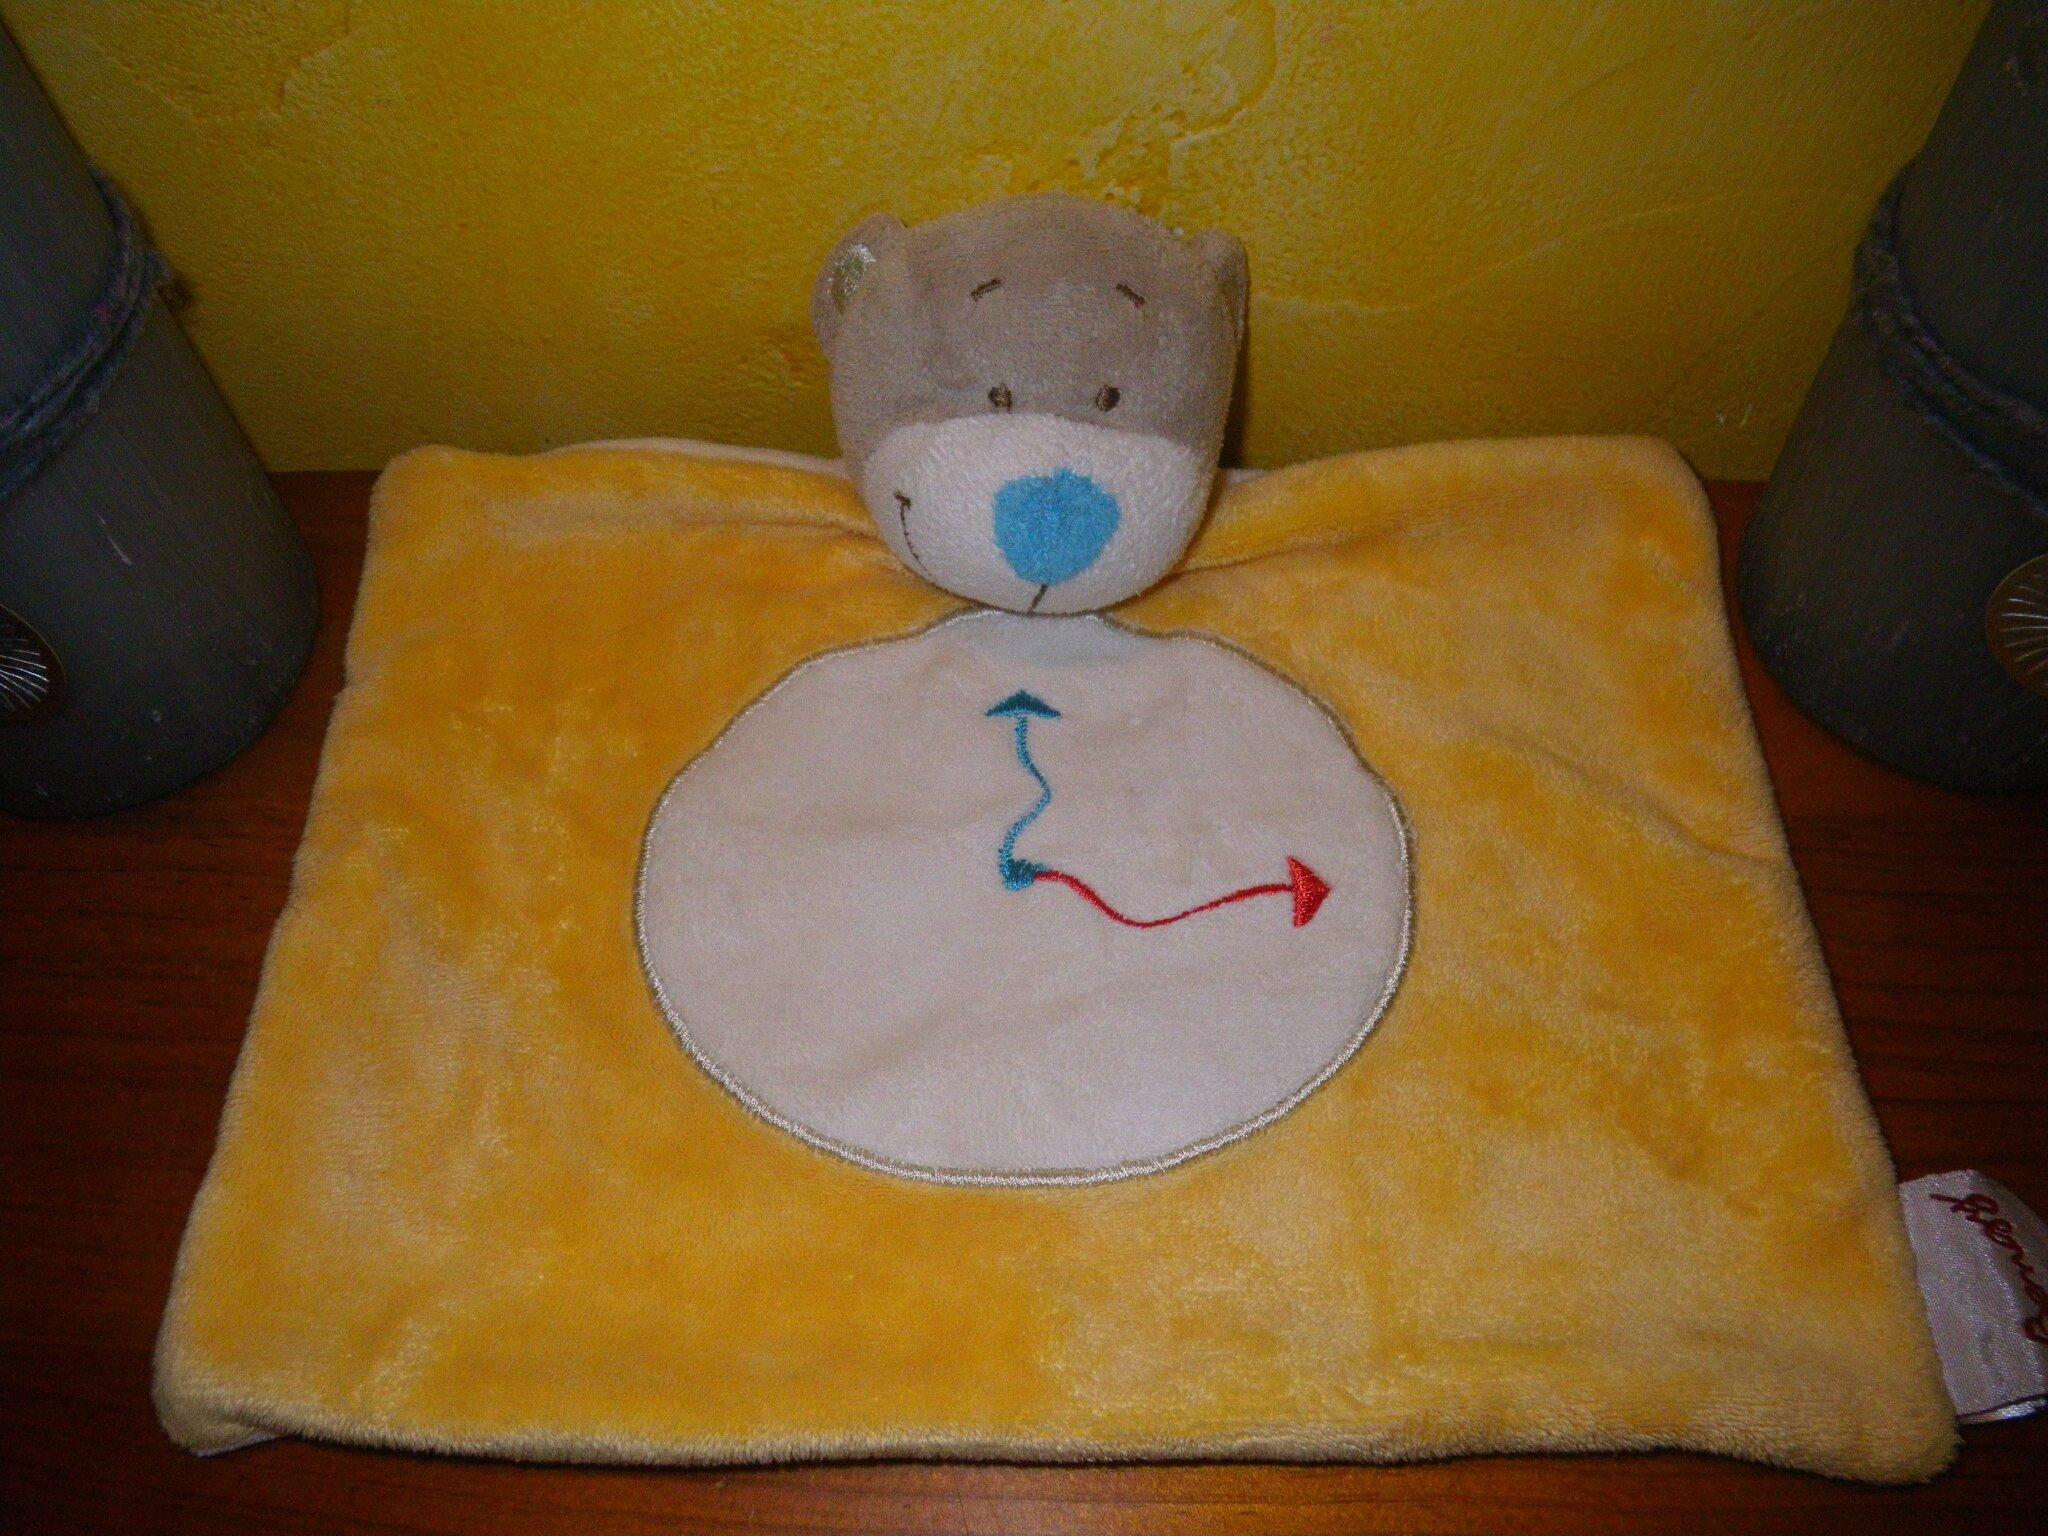 ours marque Bengy avec motif horloge. doudou plat jaune nez bleu